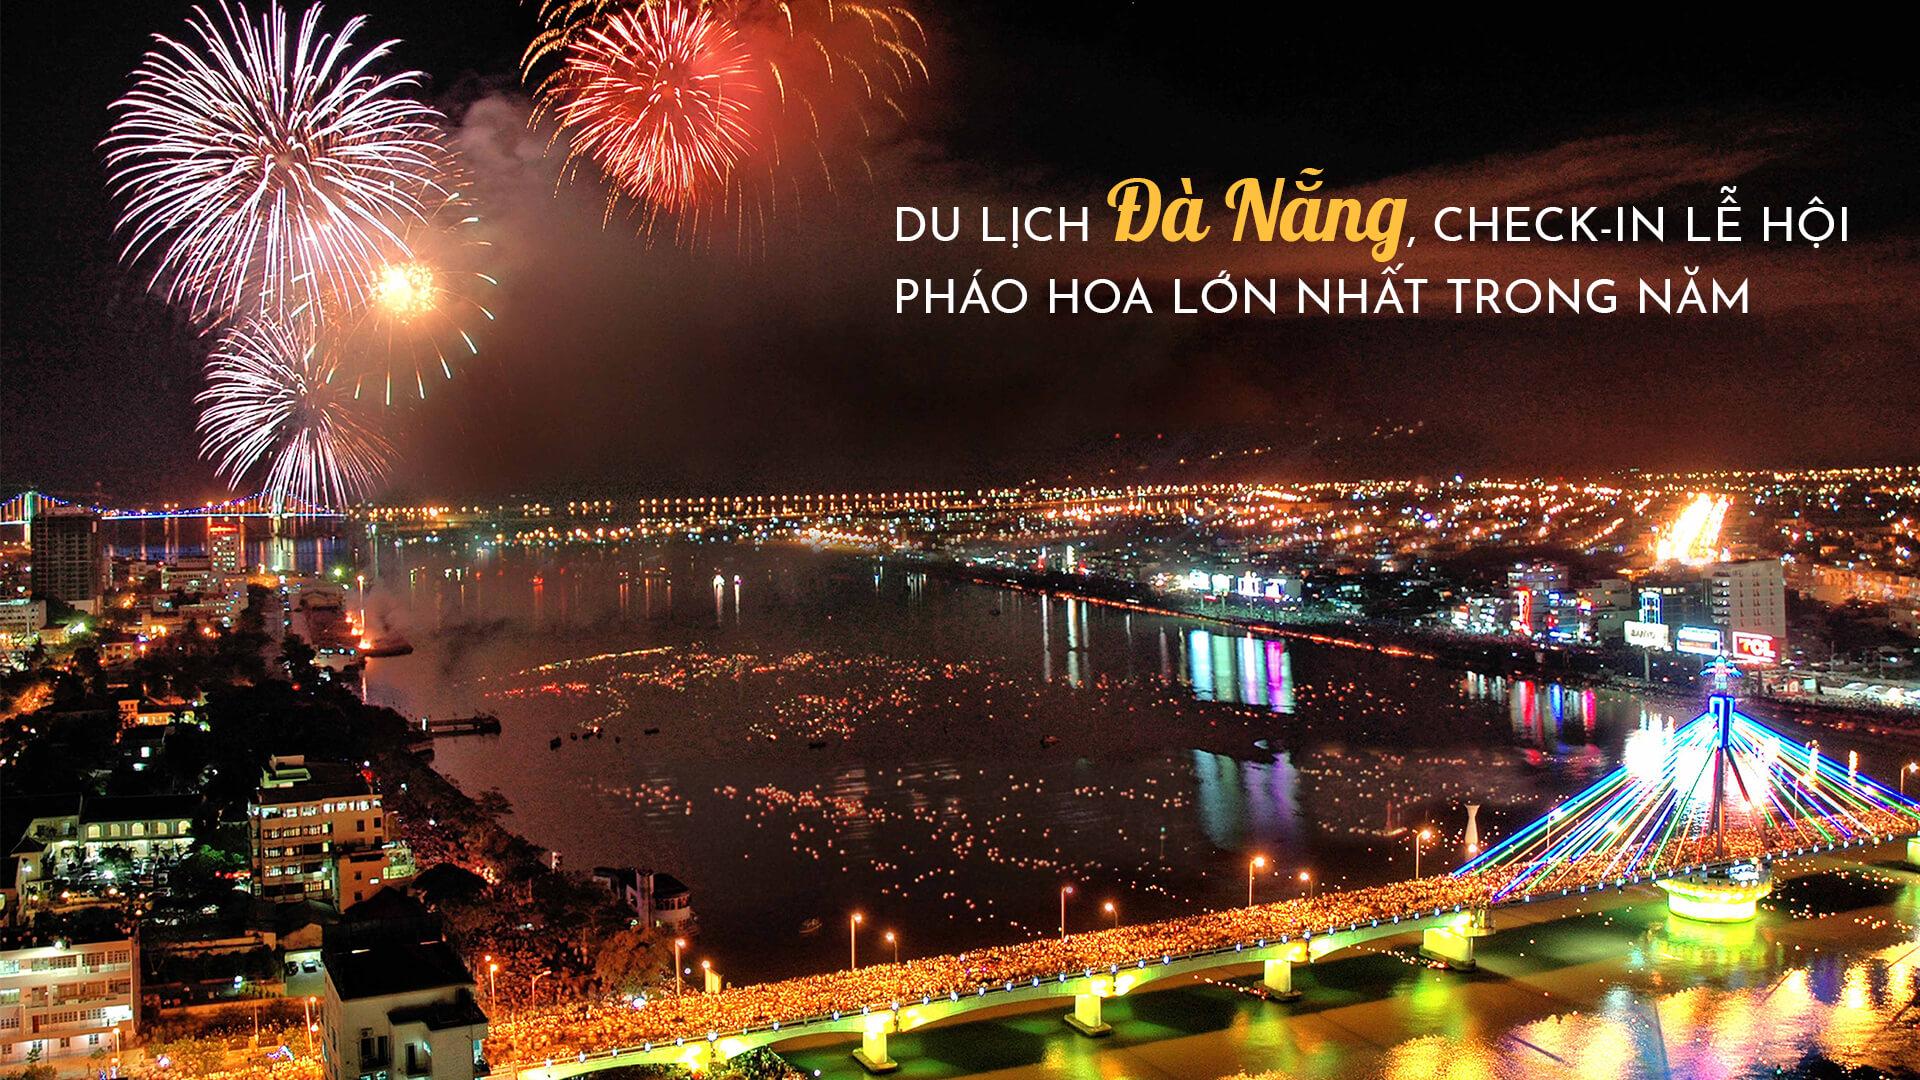 Check-in những điểm mới lạ tại lễ hội pháo hoa Đà Nẵng 2019